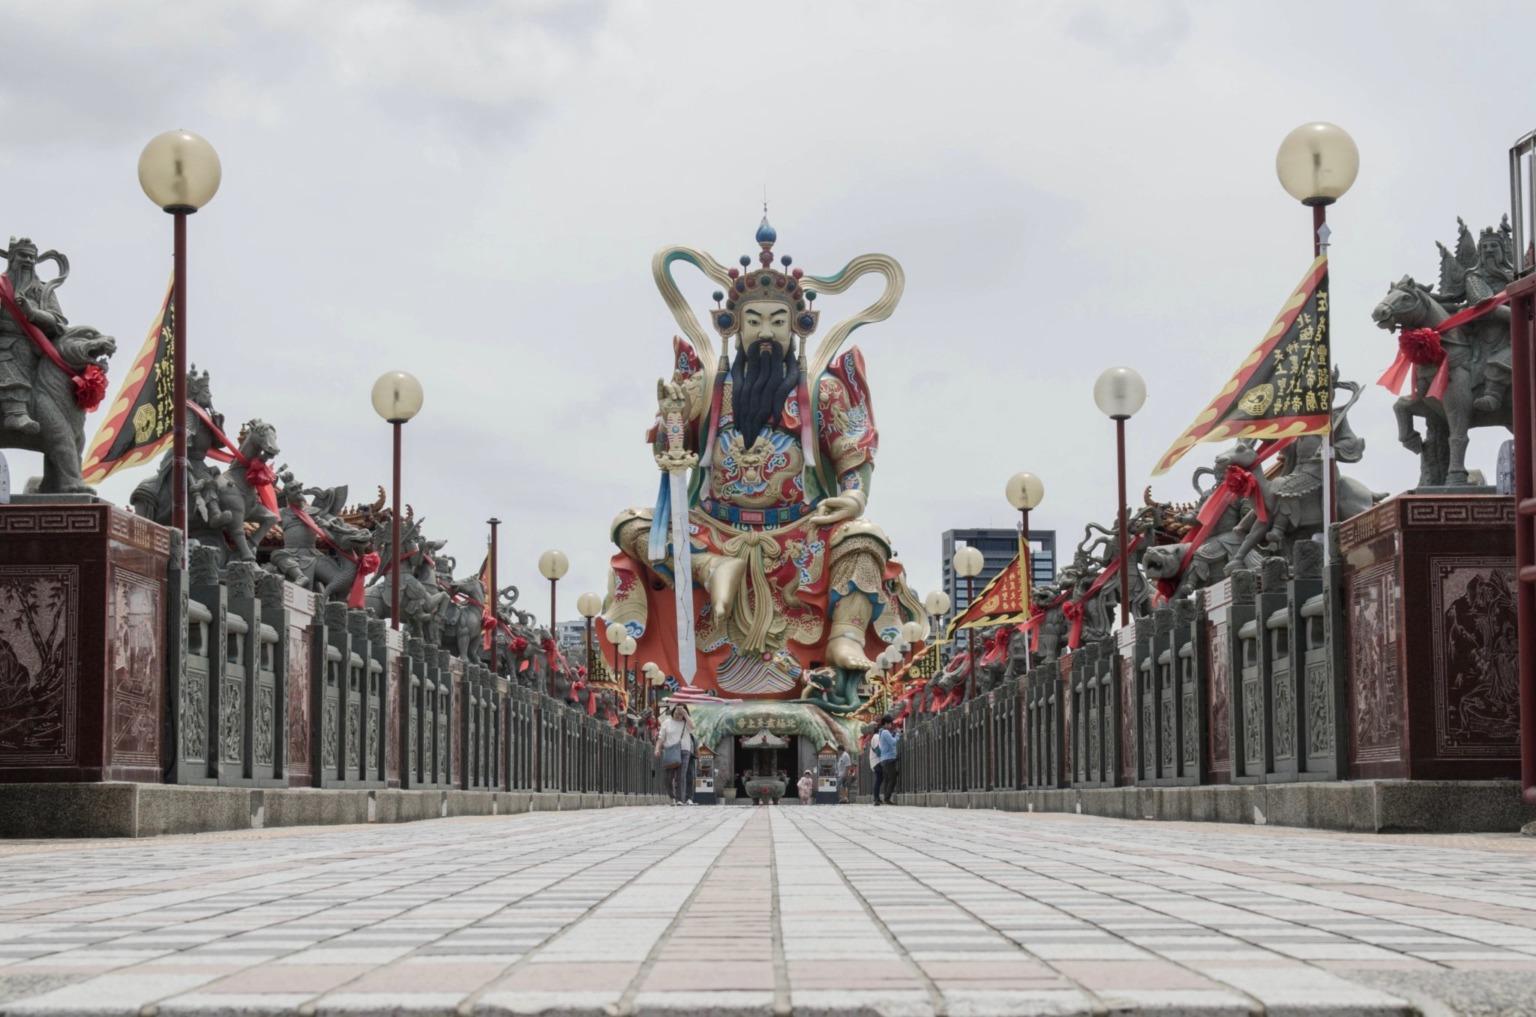 Taiwan gehört noch zu den unbekannten Reisedestinationen